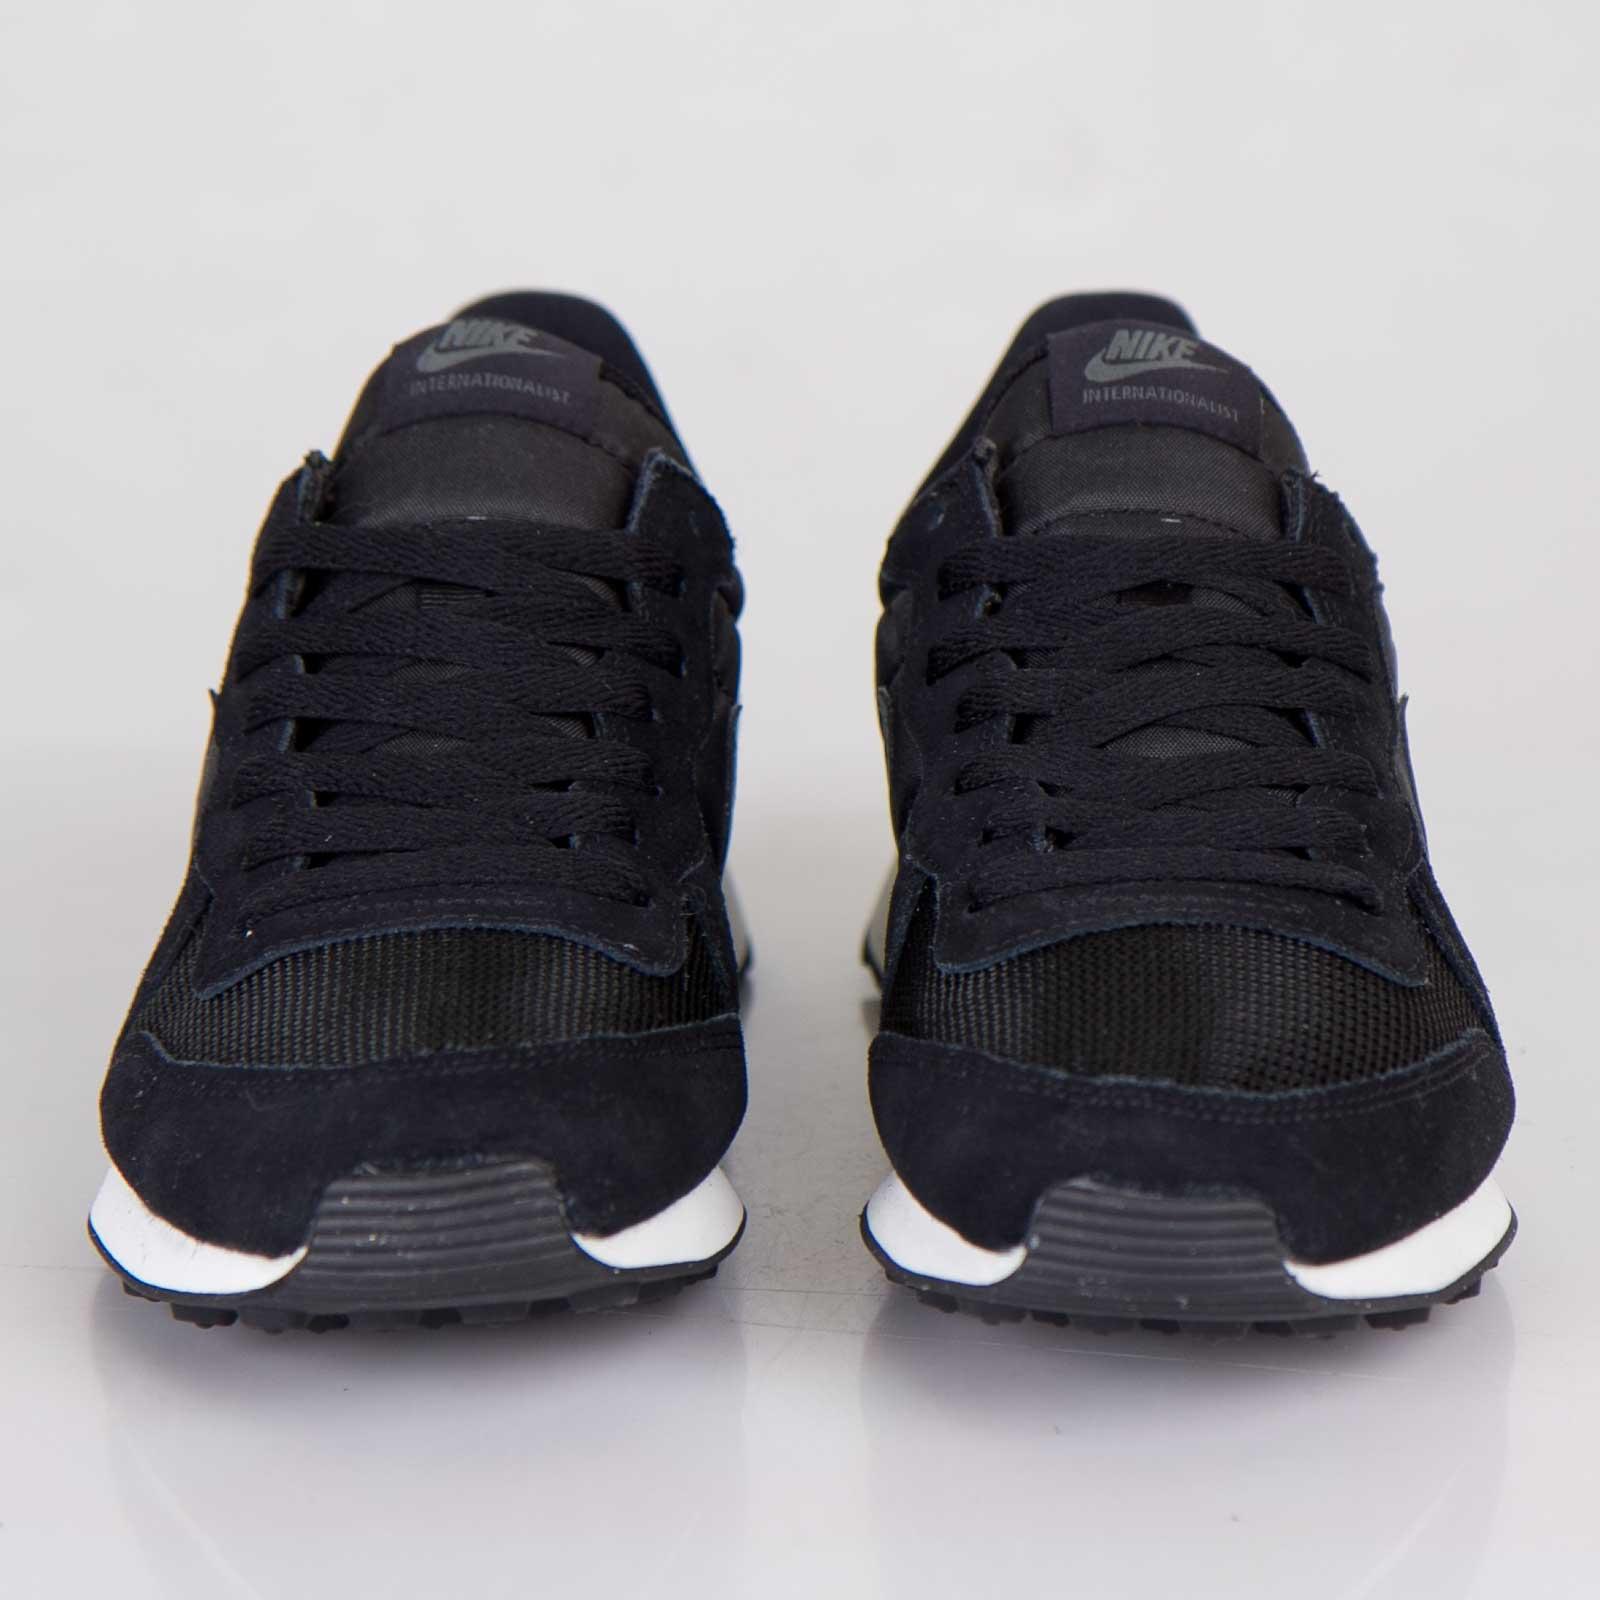 best service f77e6 7f487 Nike Internationalist - 631754-030 - Sneakersnstuff   sneakers   streetwear  online since 1999